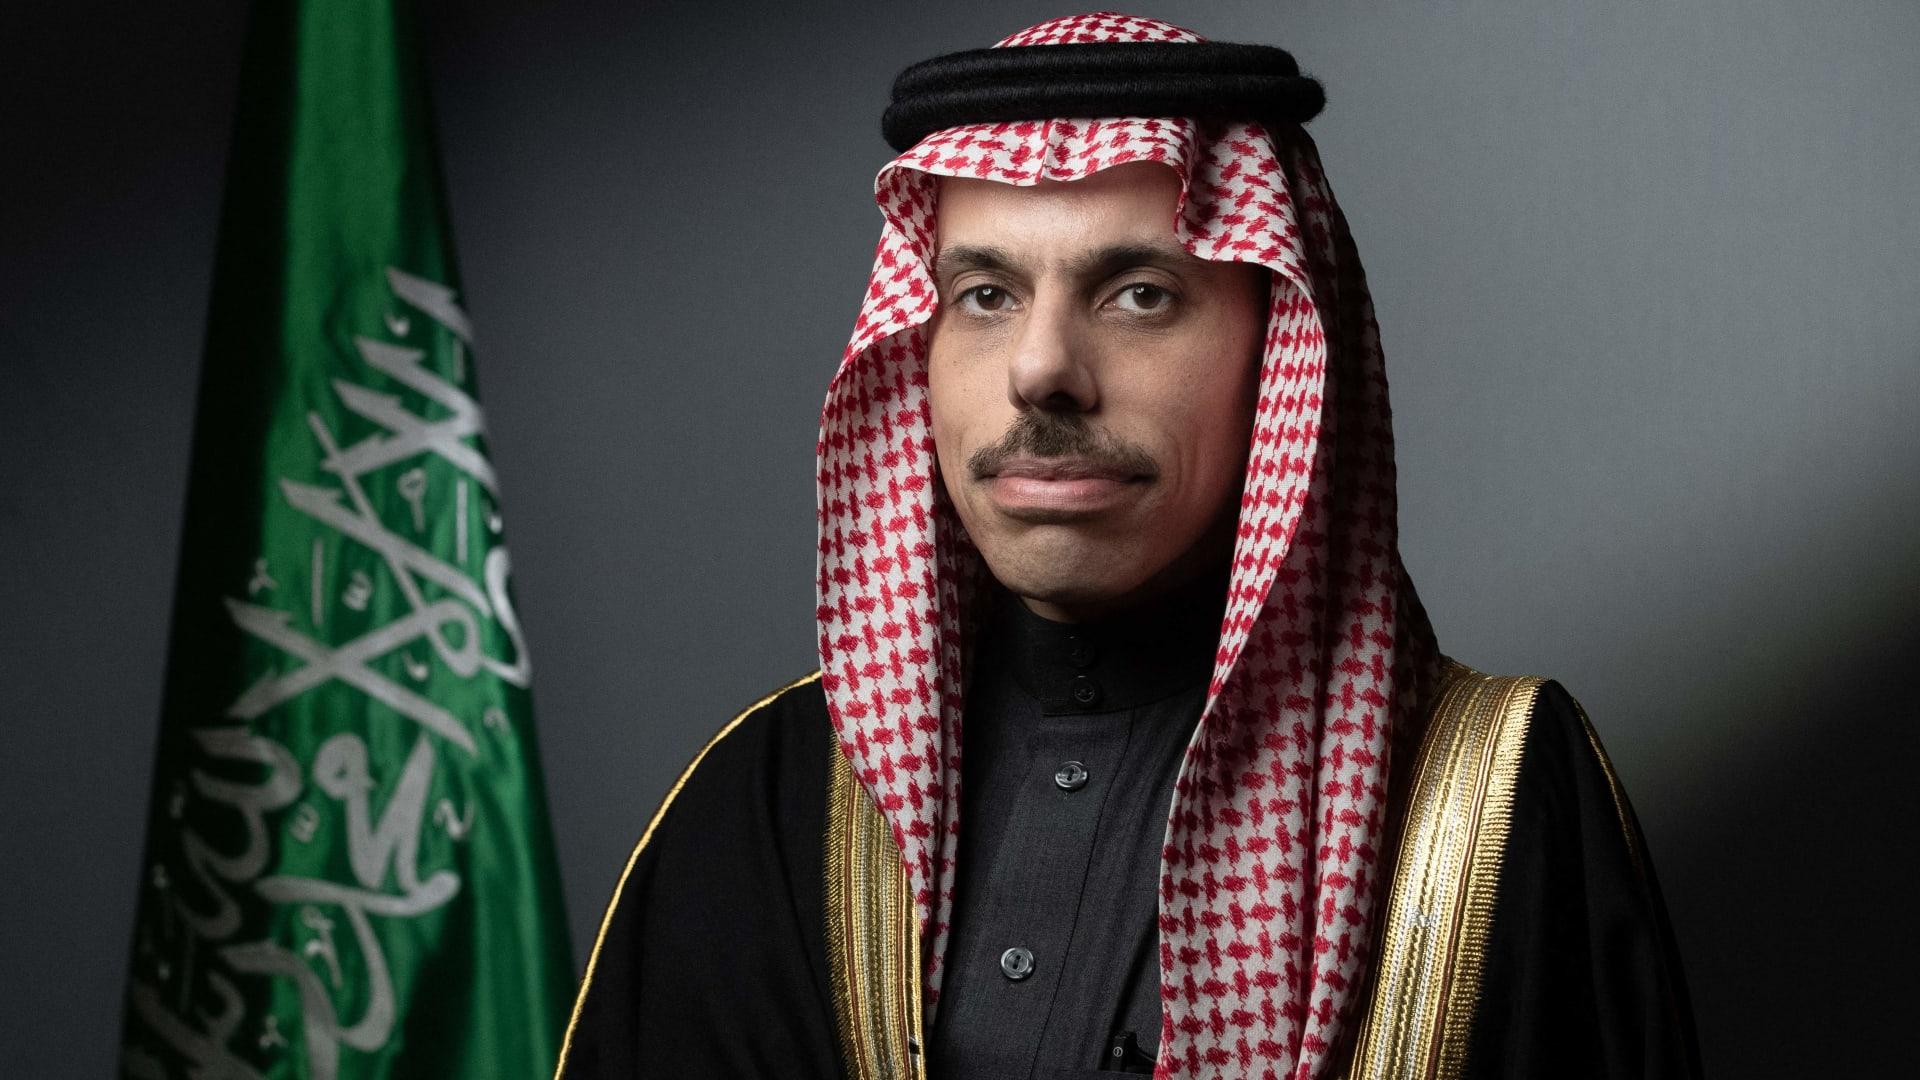 وزير الخارجية السعودي، الأمير فيصل بن فرحان